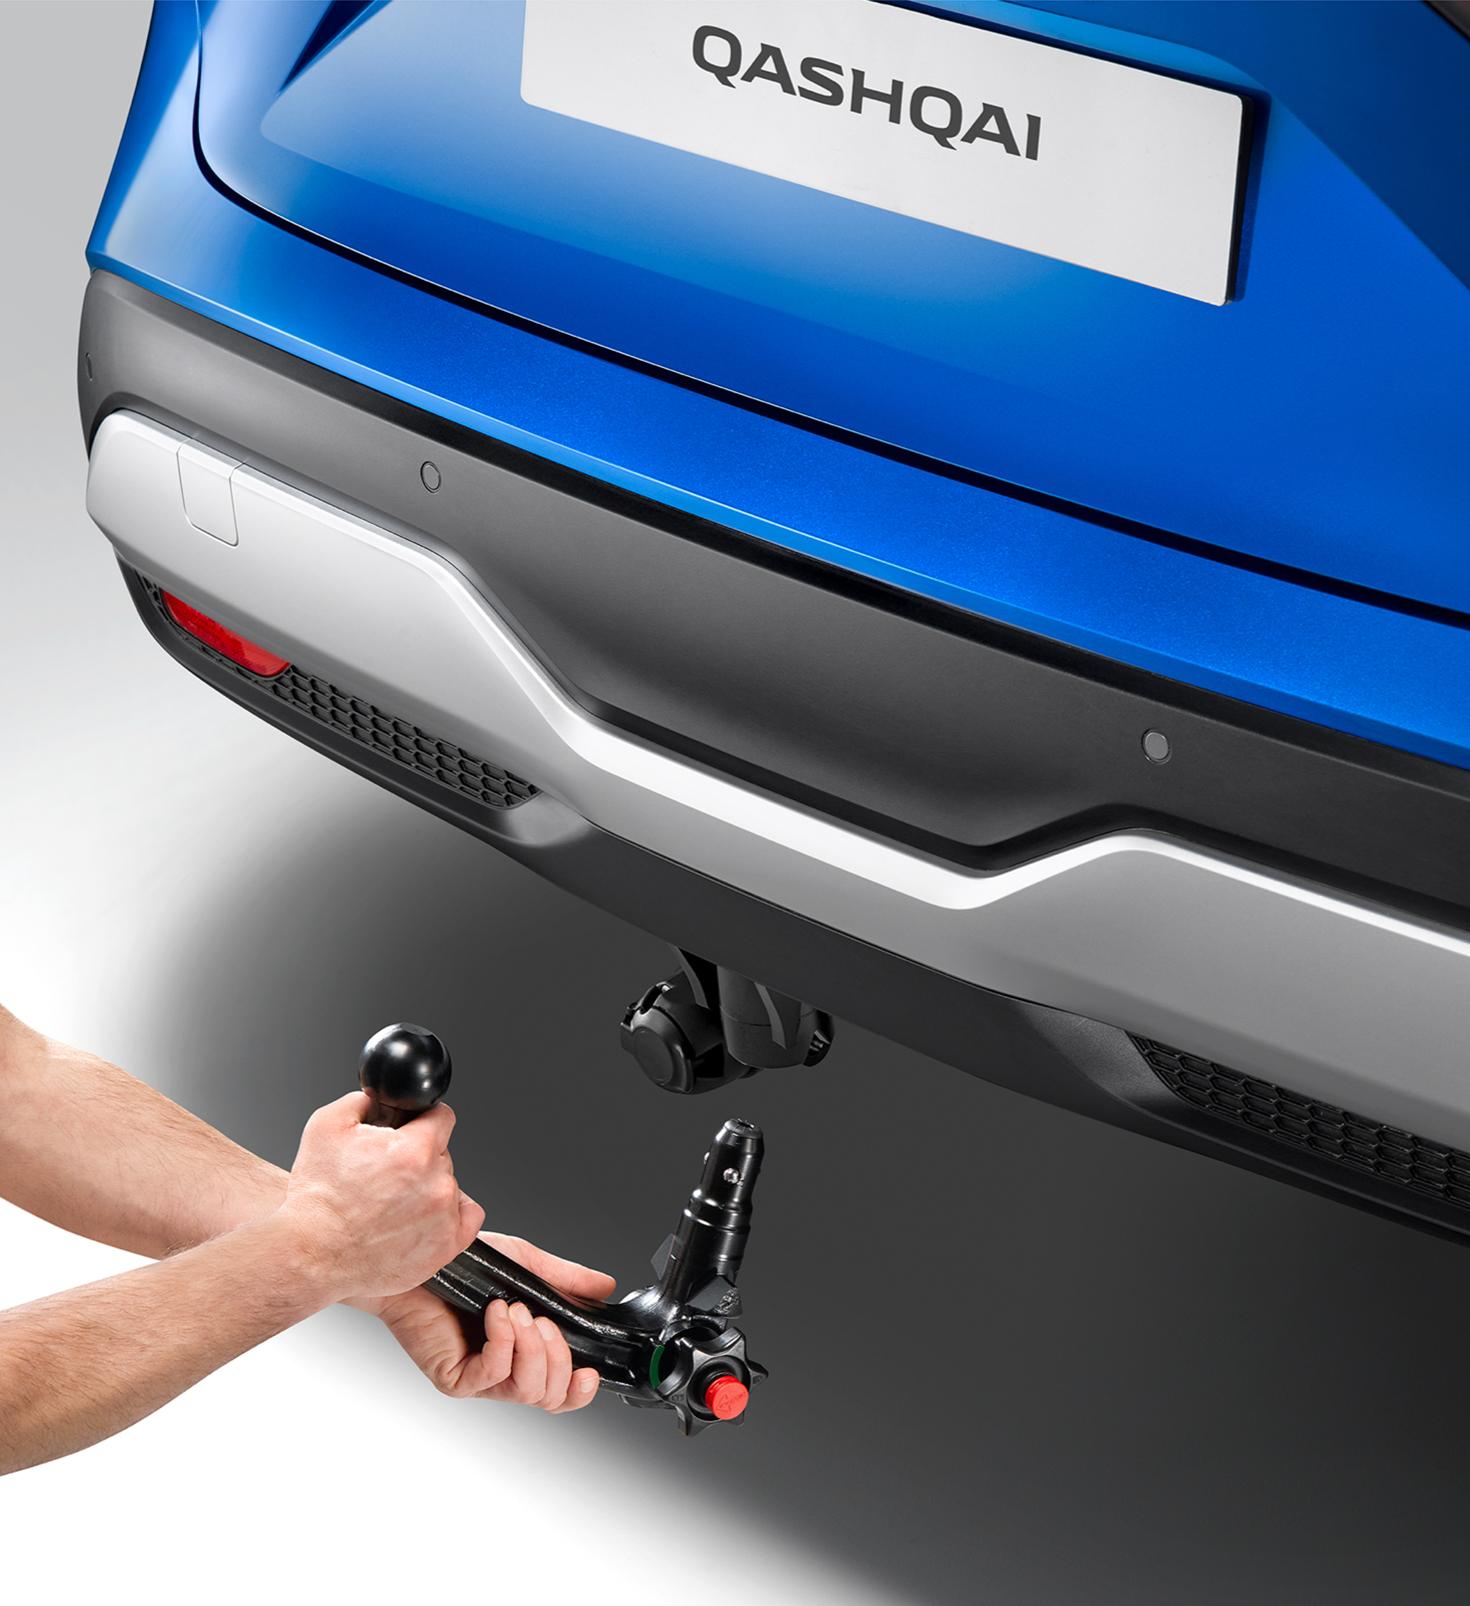 Jaunā Nissan Qashqai kvalitatīvie automobiļa salona paklājiņi un abpusējais bagāžas nodalījuma ieliktnis.